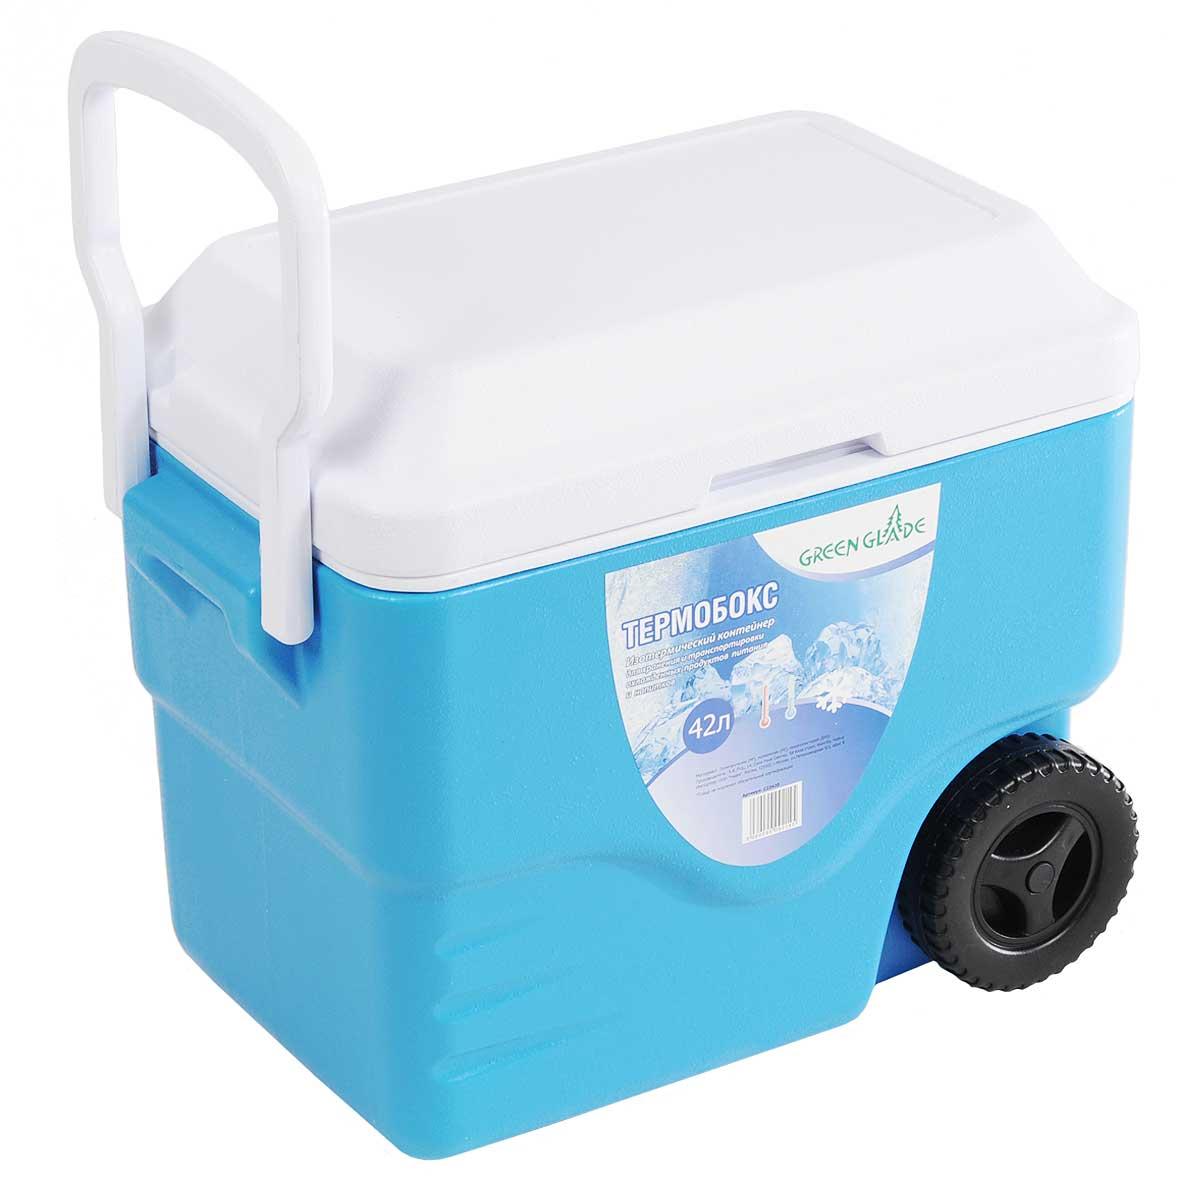 """Контейнер изотермический """"Green Glade"""", на колесиках, цвет: голубой, 42 л С22420"""